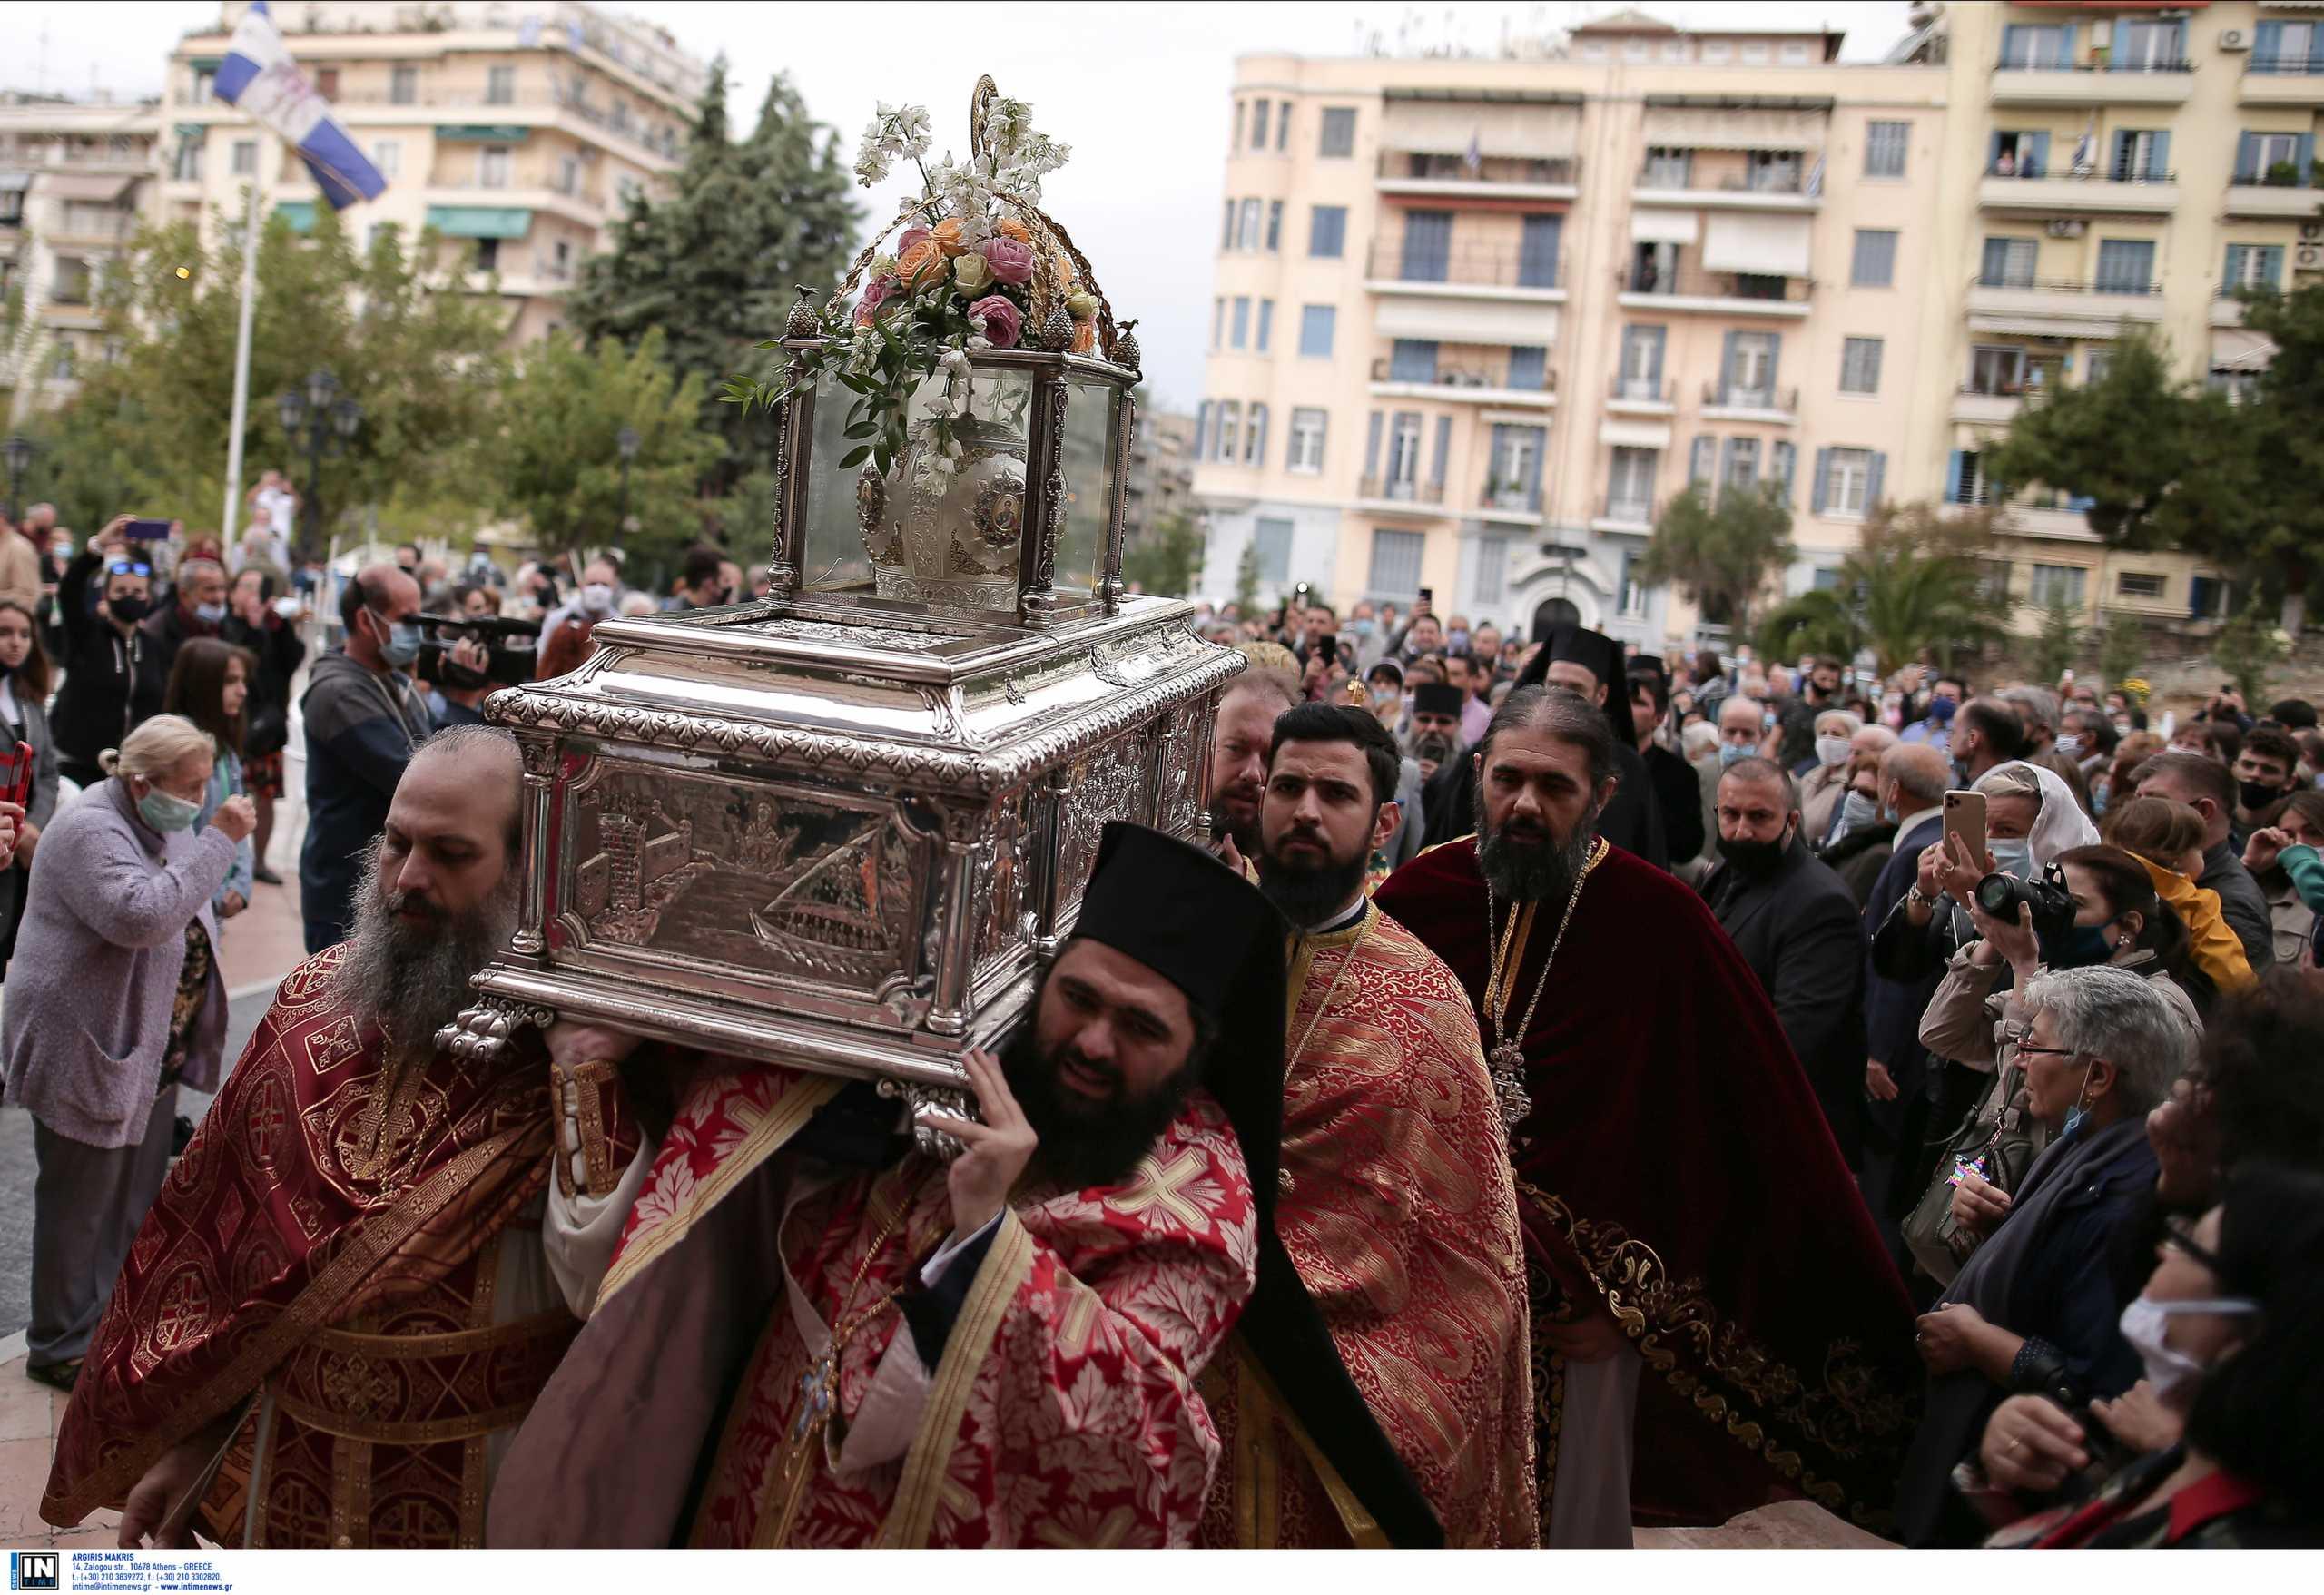 Θεσσαλονίκη: Ένα βήμα πριν το μίνι lockdown – Λύματα και Άγιος Δημήτριος φοβίζουν τους ειδικούς